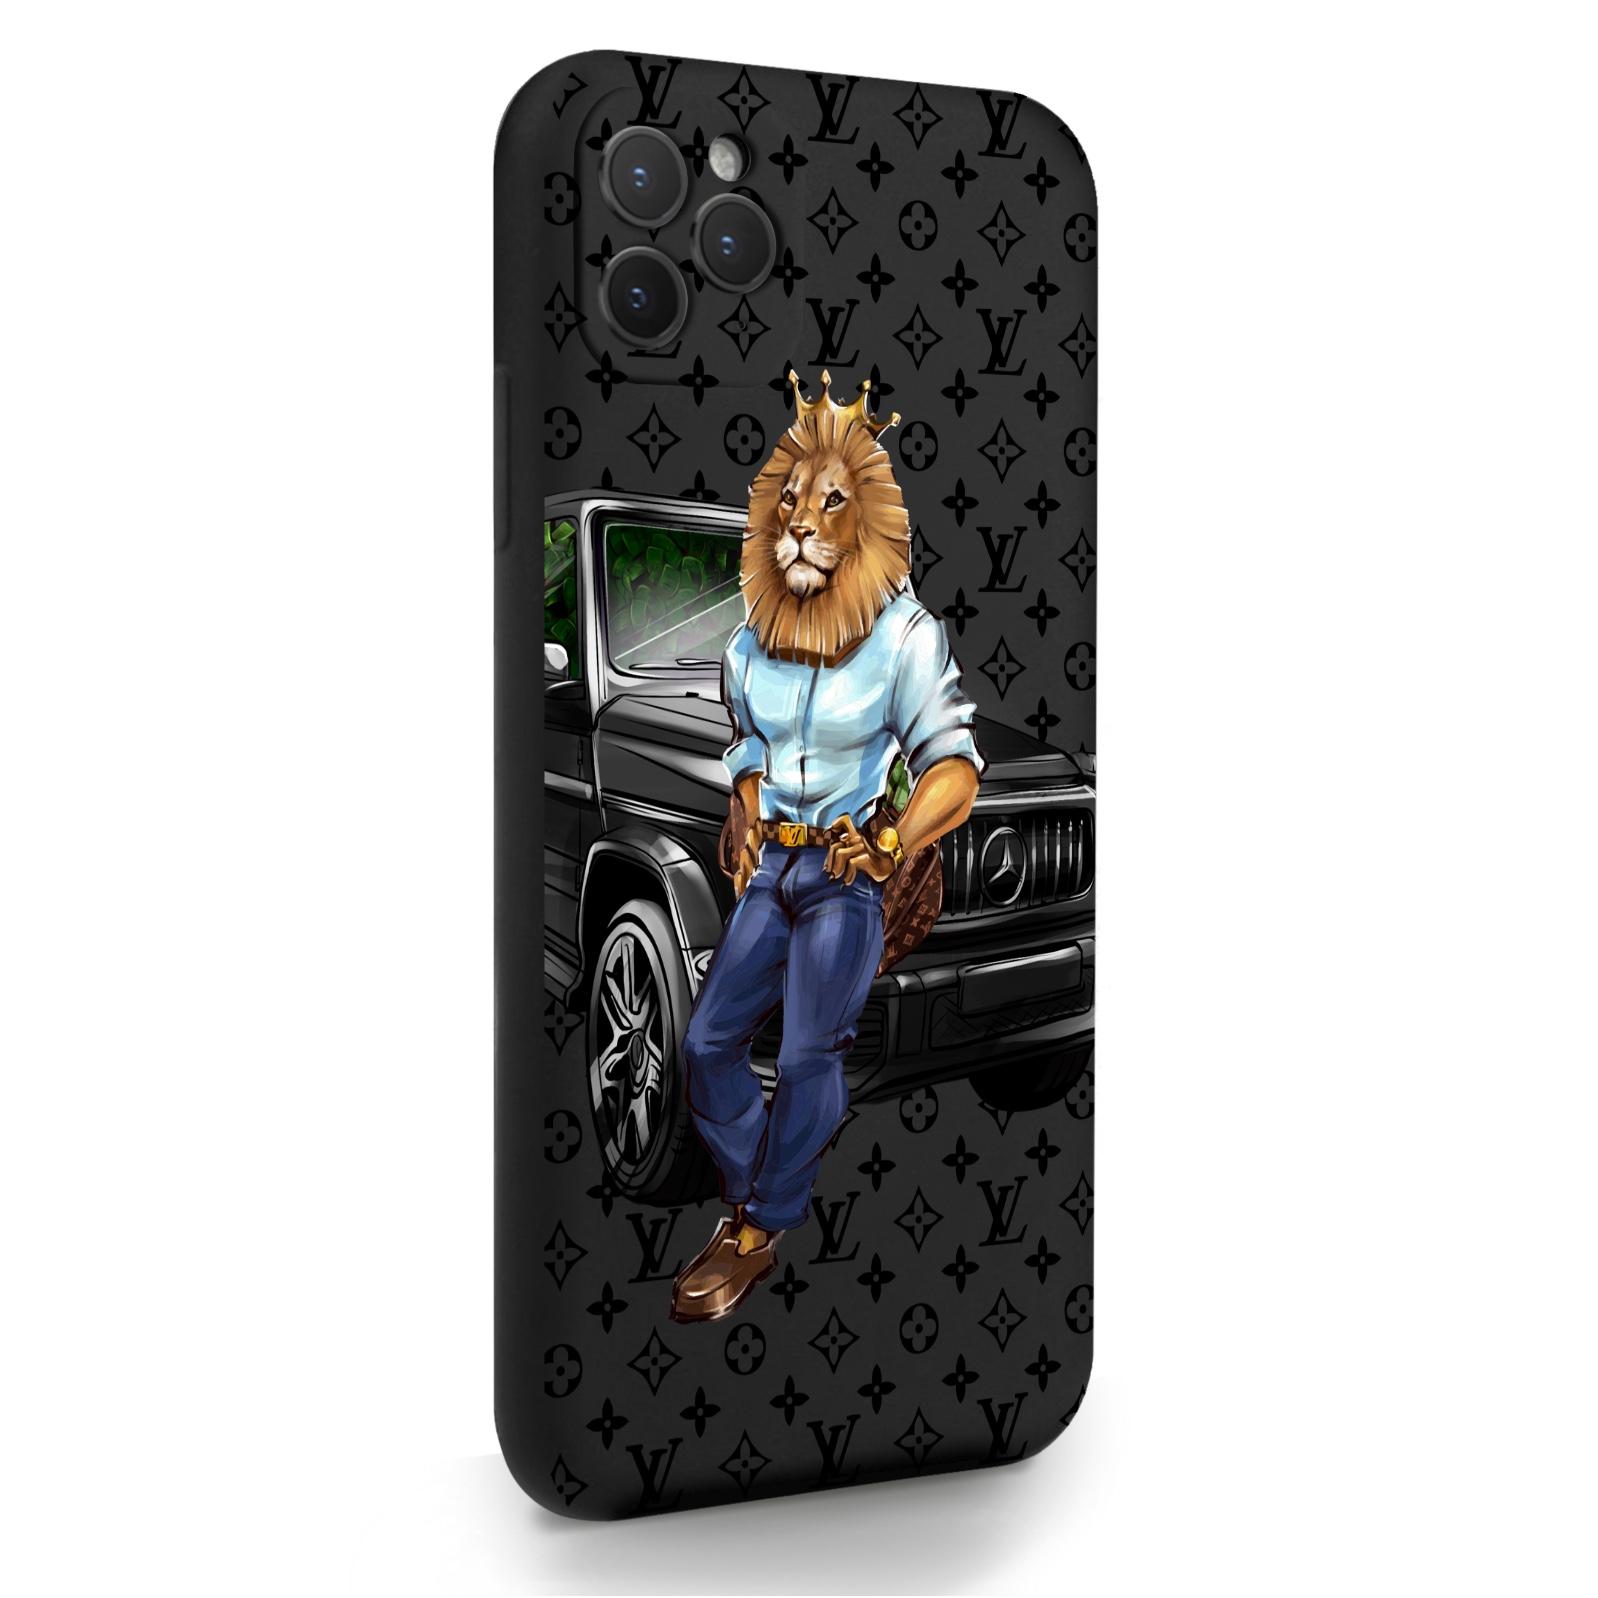 Черный силиконовый чехол для iPhone 11 Pro Max Lion Business для Айфон 11 Про Макс